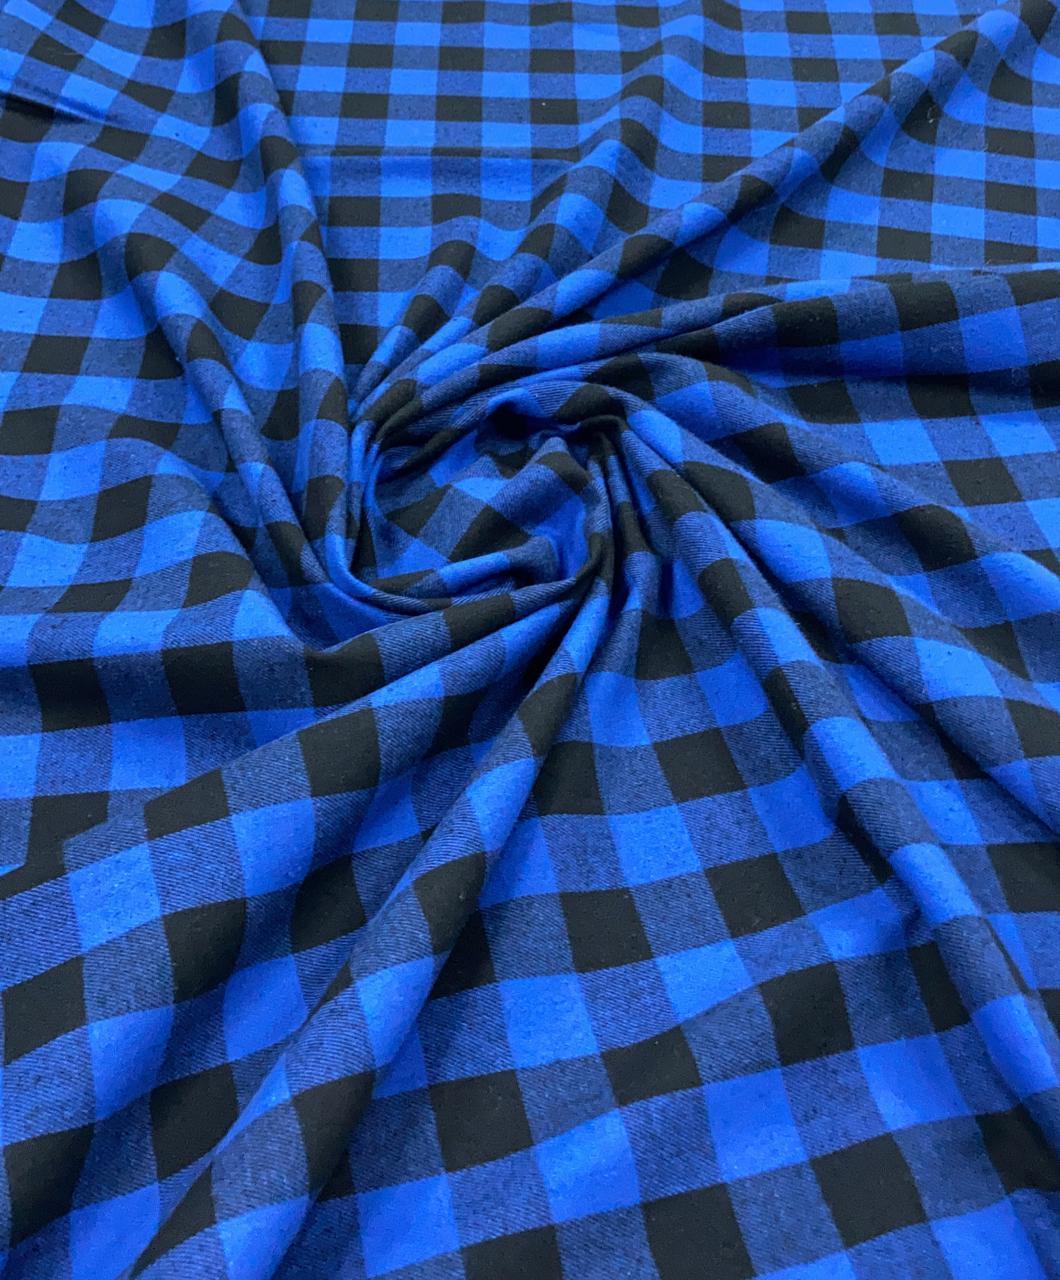 Flanela Xadrez Premium Azul e Preto 100% Algodão